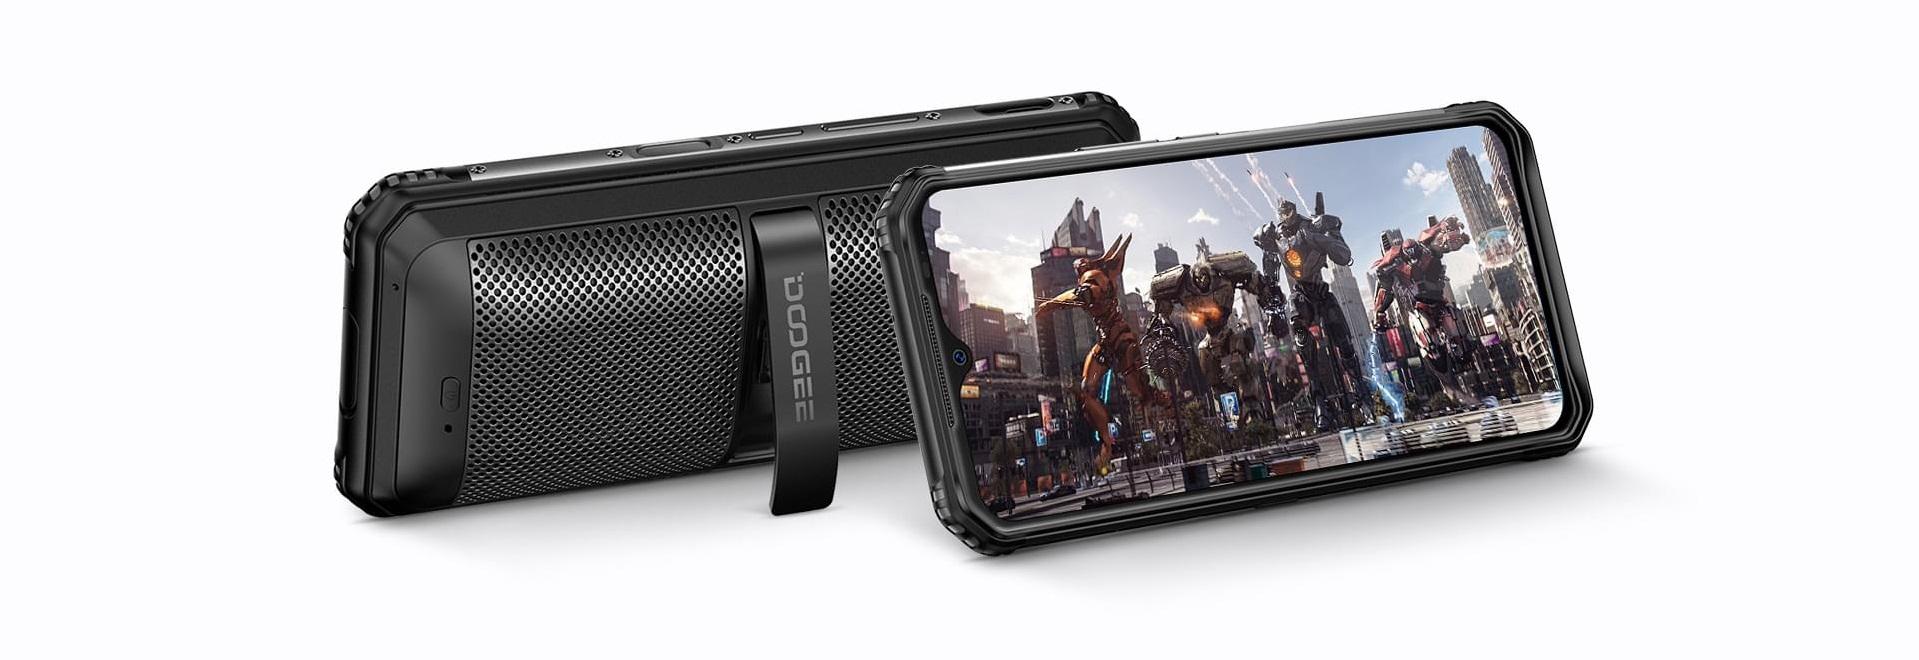 Doogee S95 Pro speaker